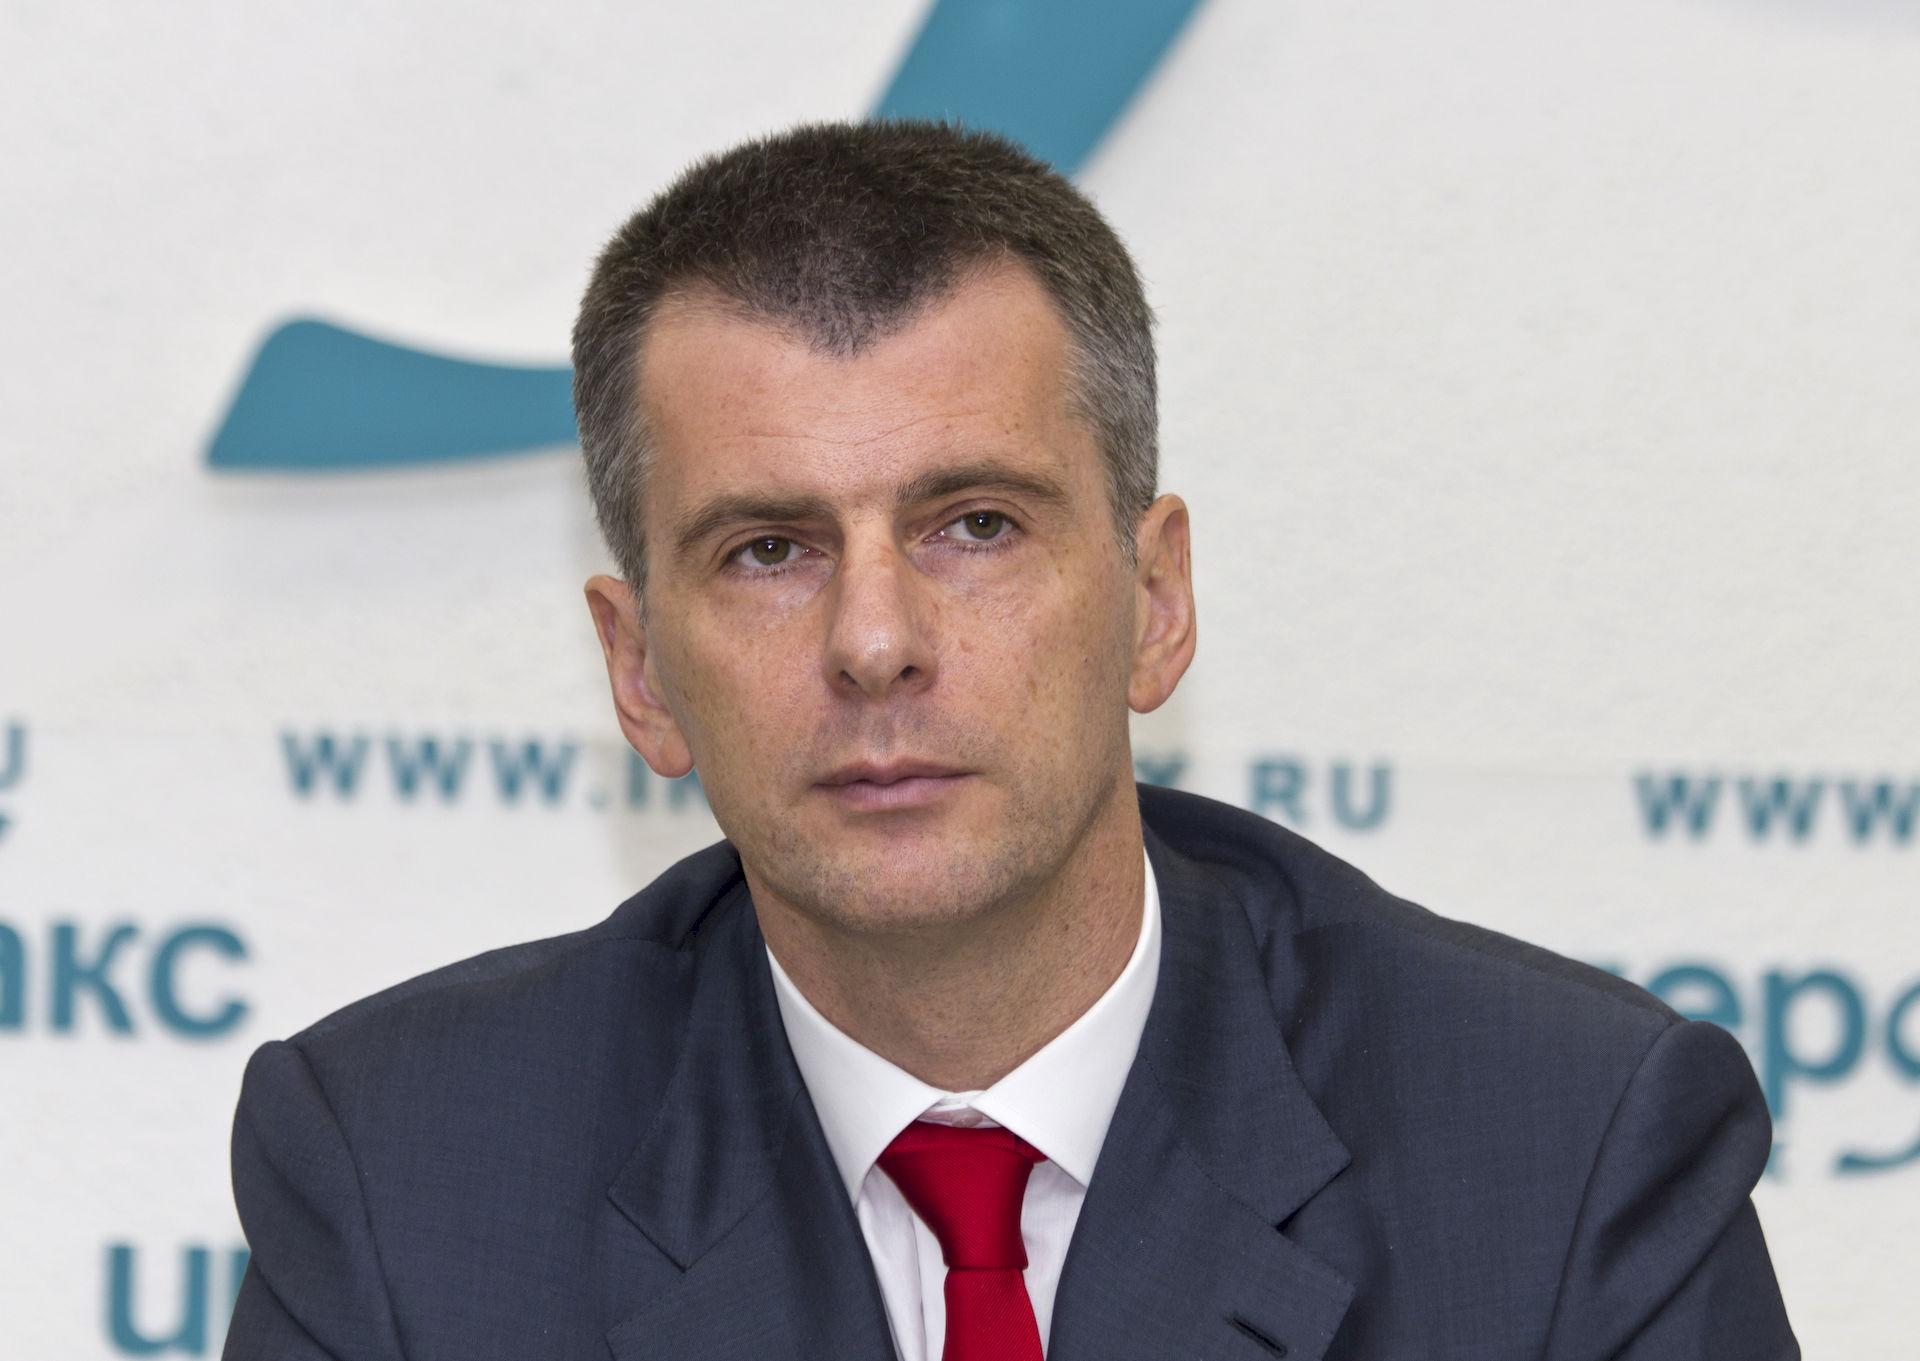 Photo of Mikhail Prokhorov: Billionaire entrepreneur, politician, sportsteam owner